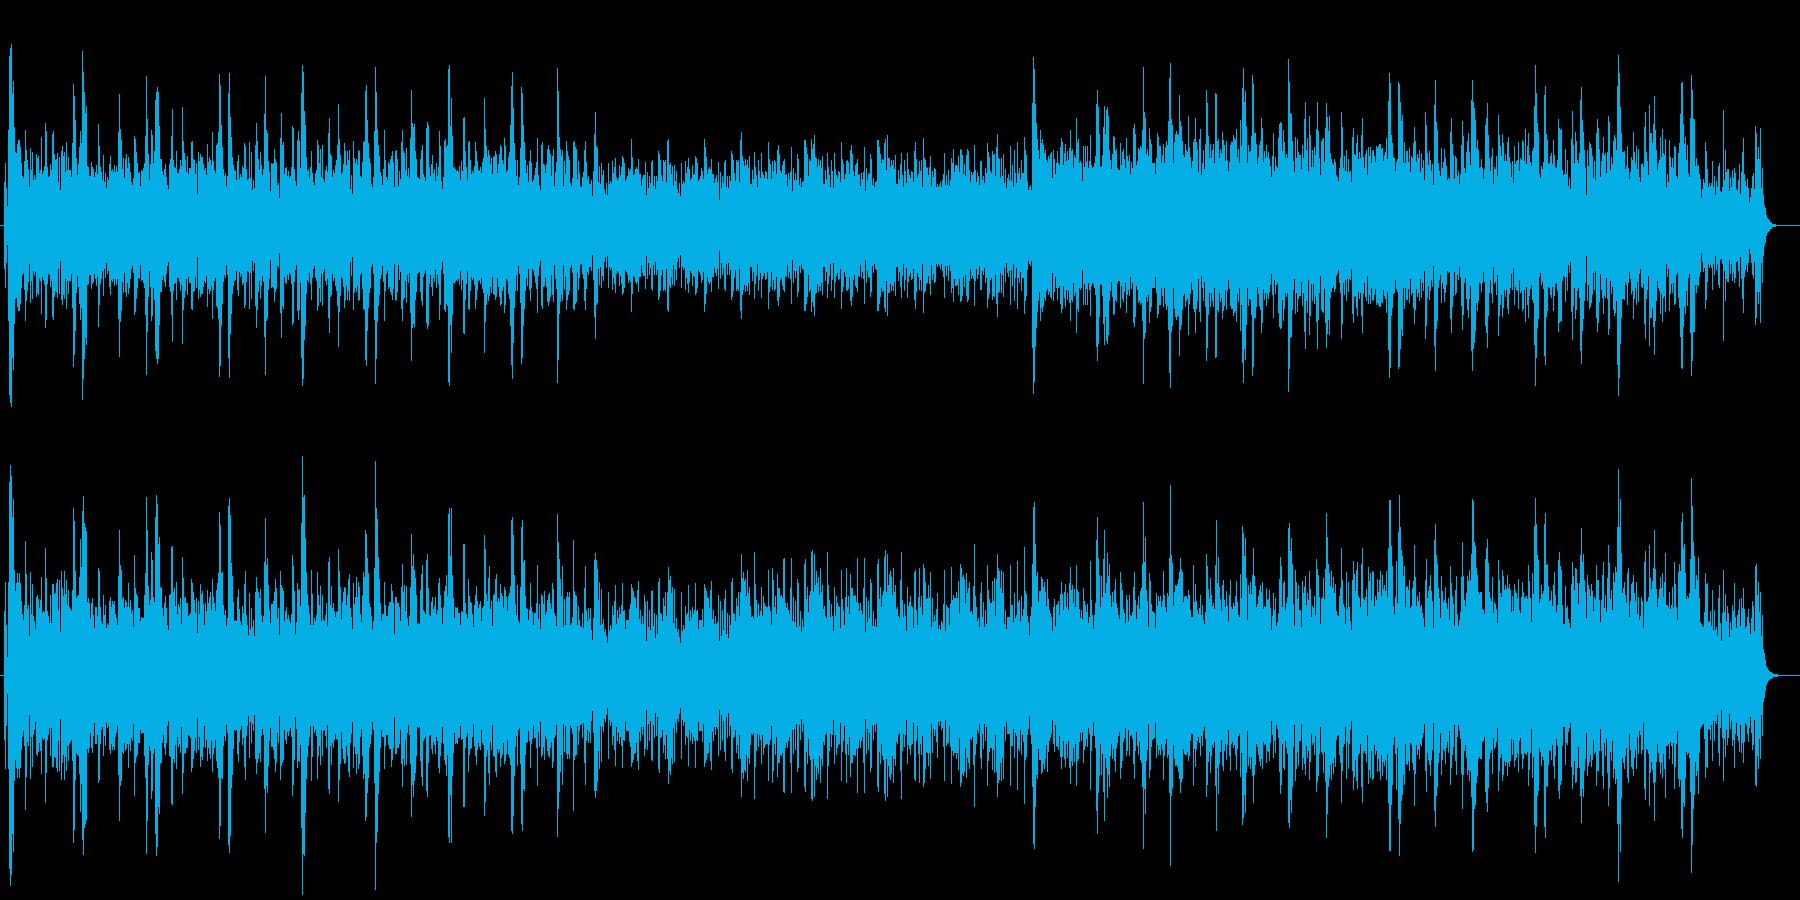 カントリー、アイリッシュ風ヴァイオリン生の再生済みの波形